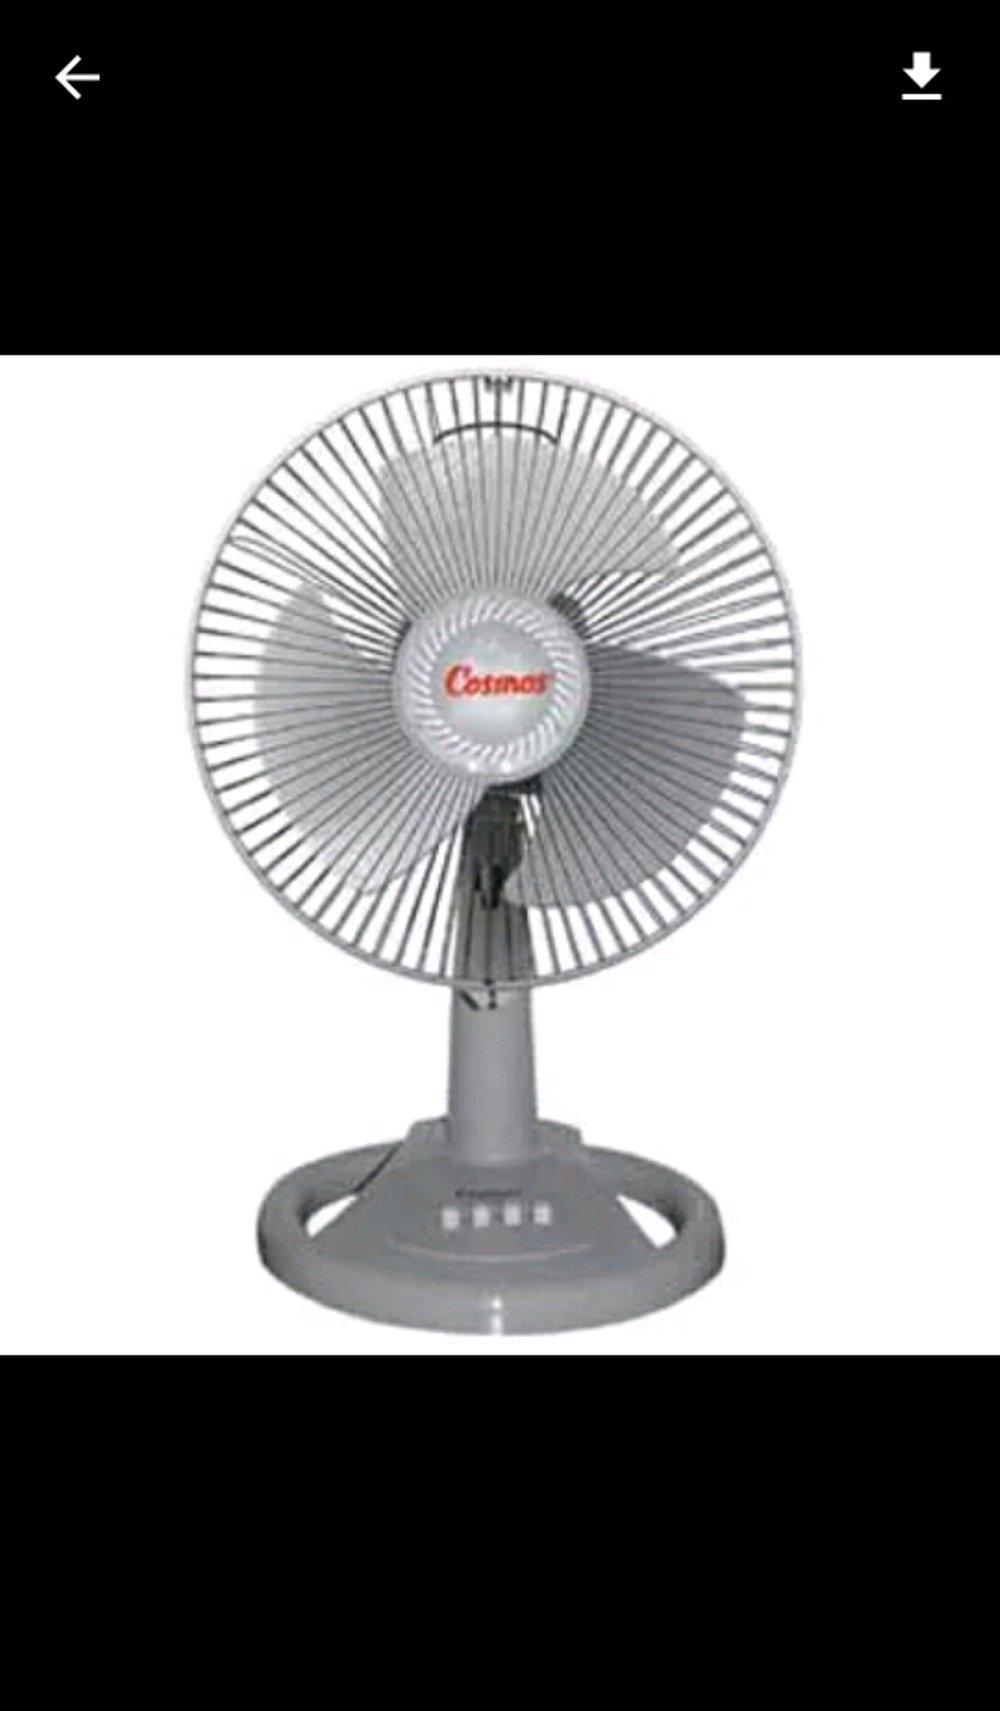 Cosmos Desk Fan 12 Inch 12 DSE / 12DSE - Bubble Wrap